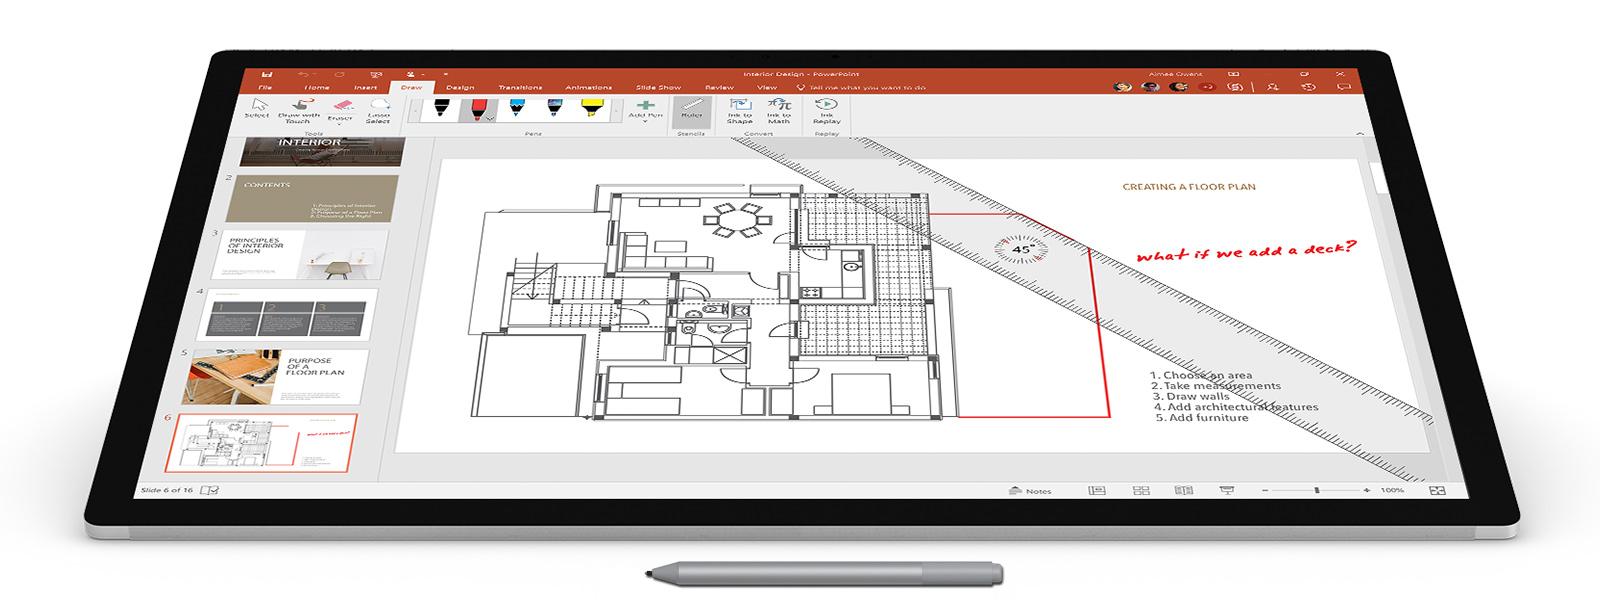 Skærmbillede af en plantegning med Surface Pen, anmærkninger og en skærmlineal